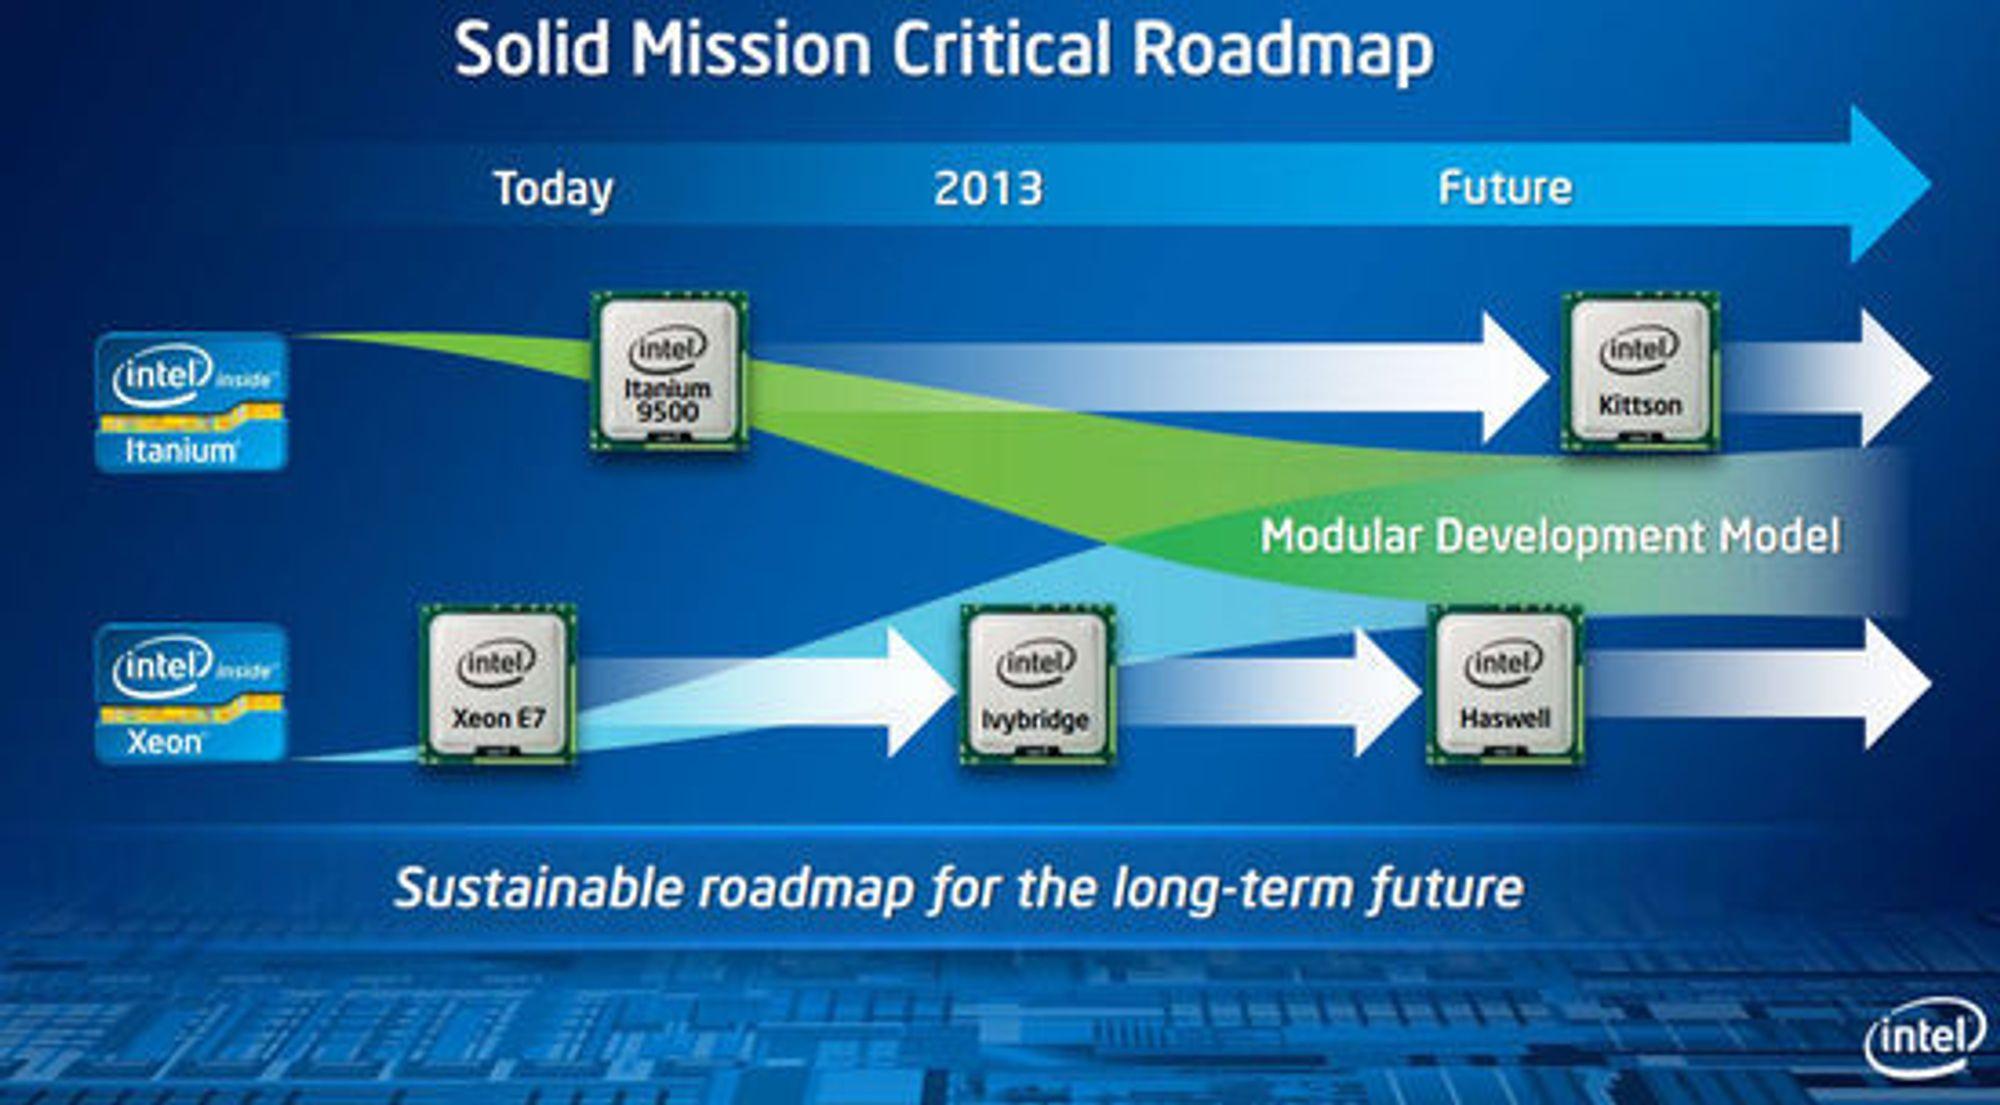 Mange av komponentene i og rundt Itanium og Xeon E7 vil smelte sammen i framtiden.